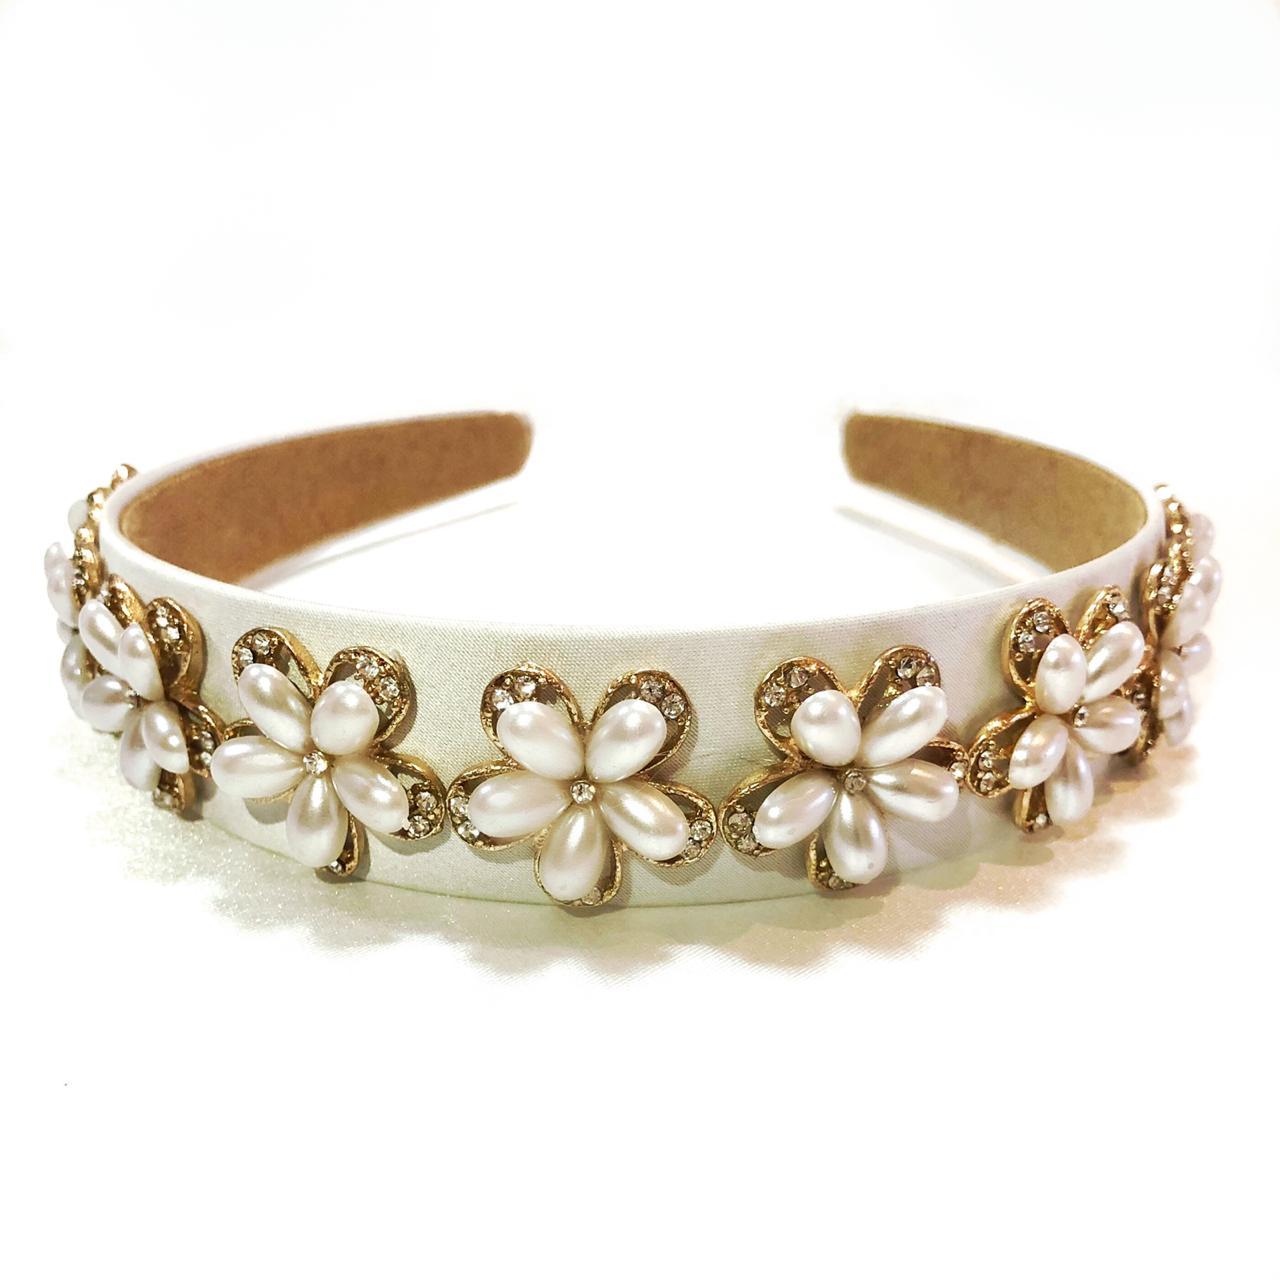 Tiara Artesanal para Noivas, de Tecido, com aplique de Flores em Pérolas em Metal Dourado.